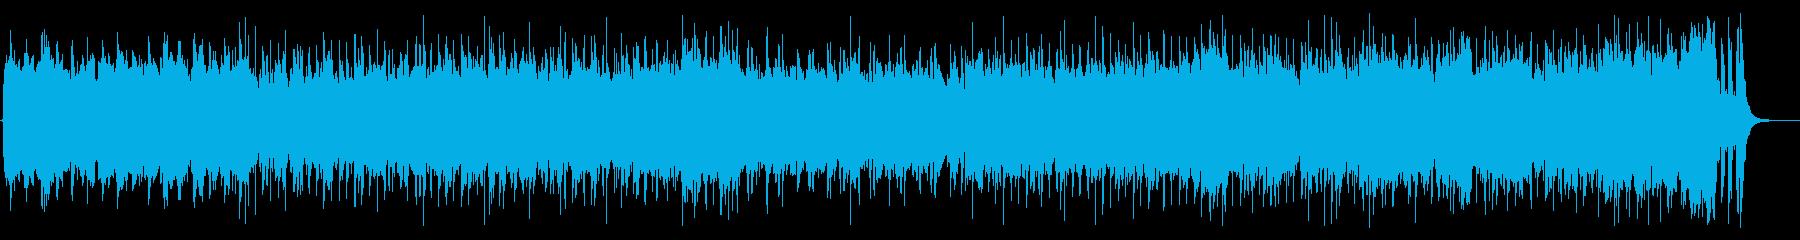 軽快なクラシックポップスの再生済みの波形